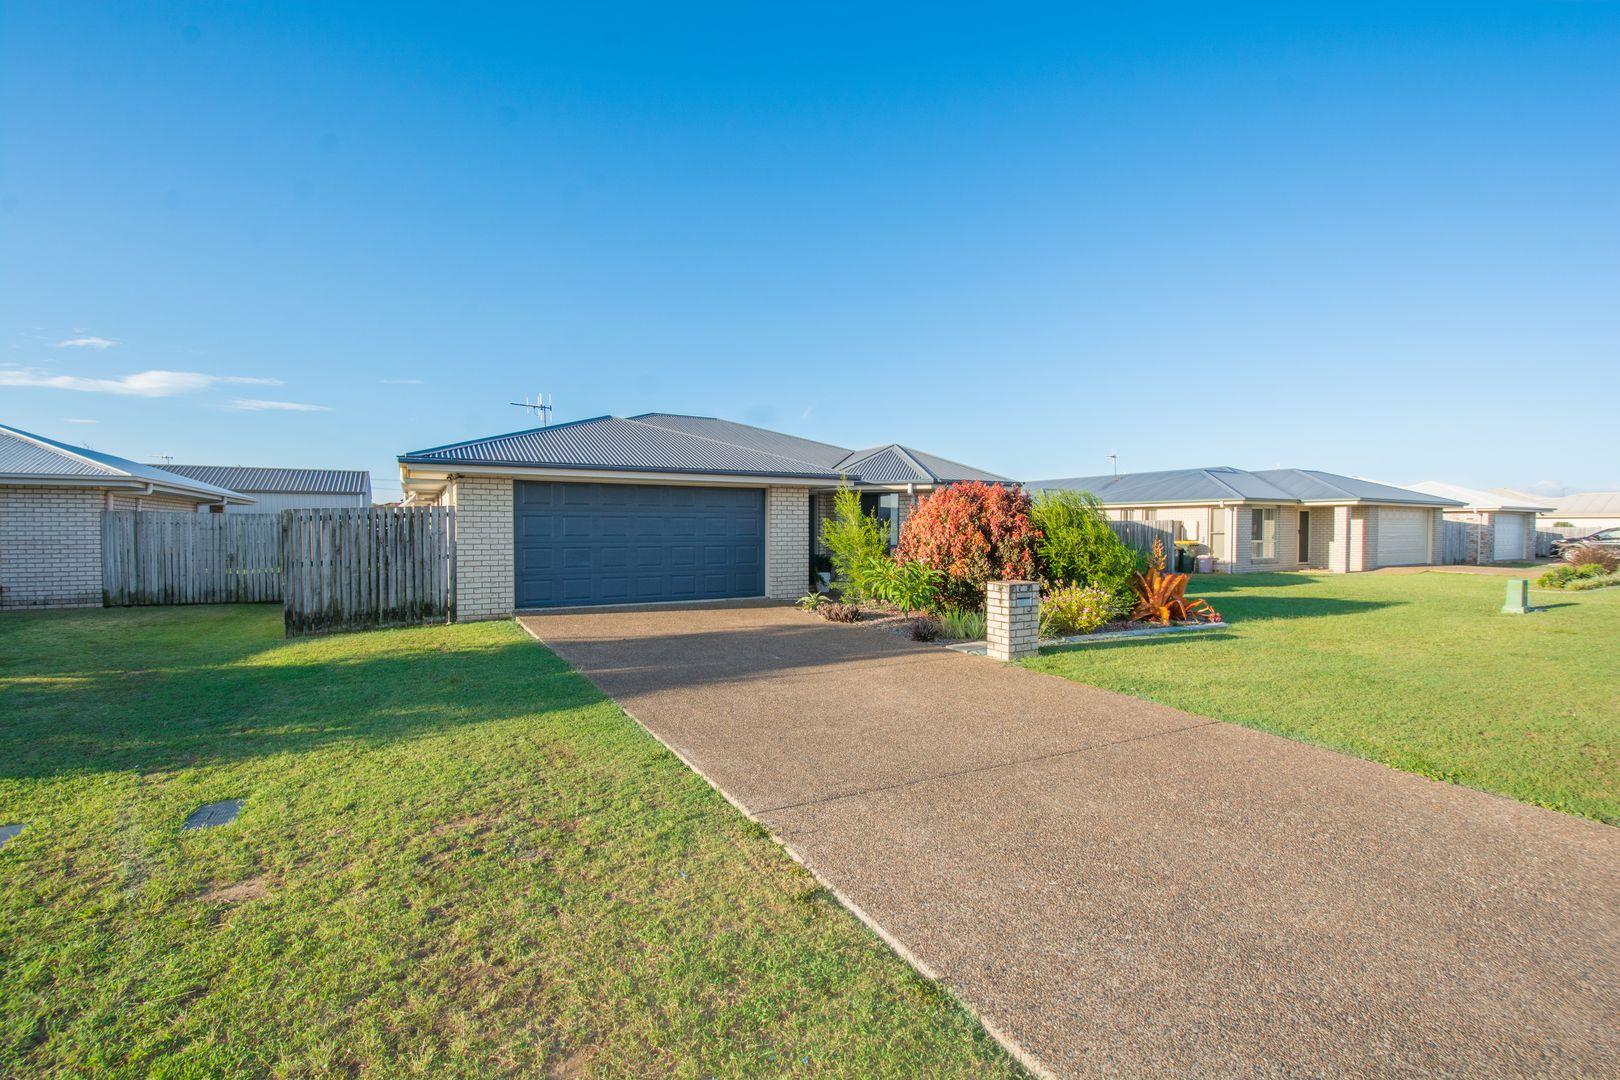 34 Dawson Avenue, Thabeban QLD 4670, Image 0